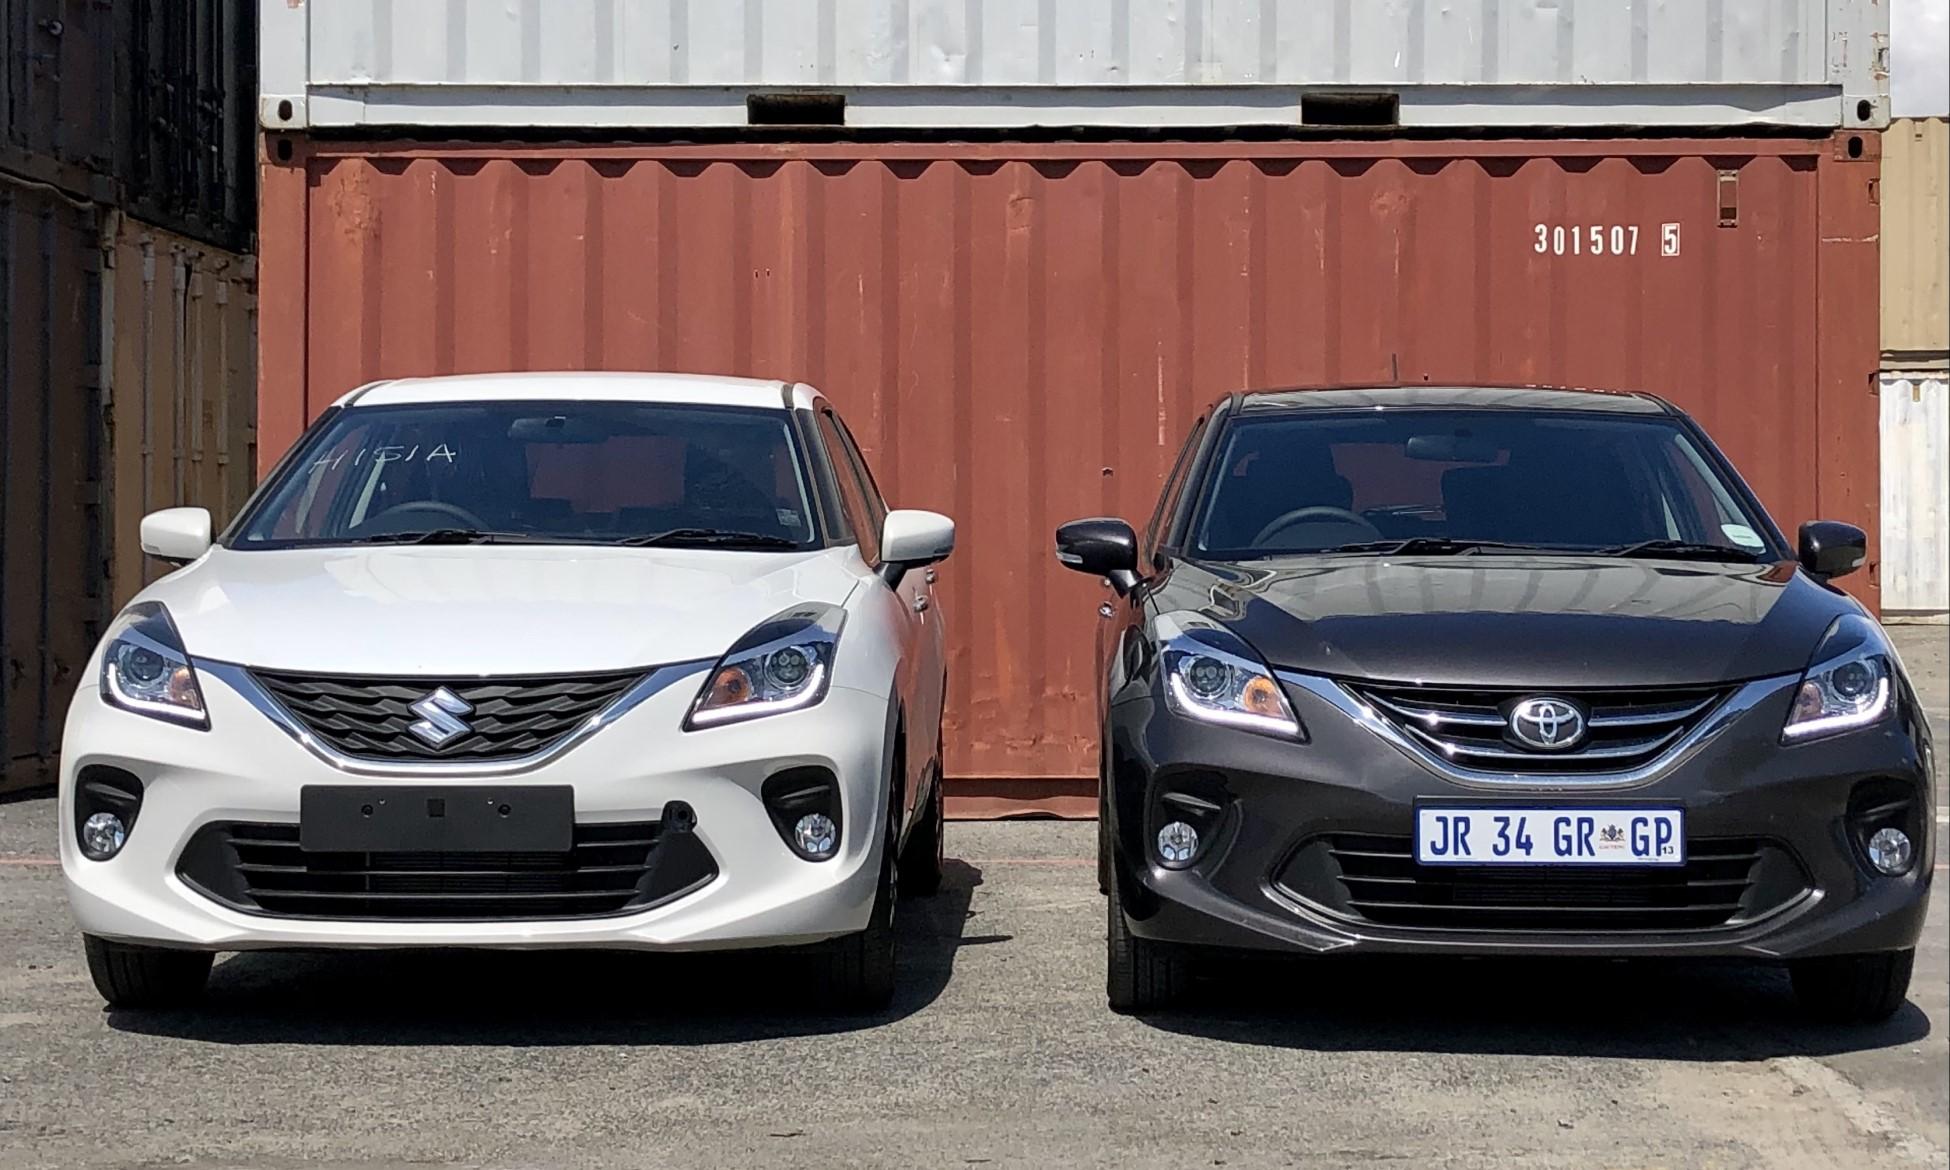 Toyota Starlet 1,4 Xr and Suzuki Baleno